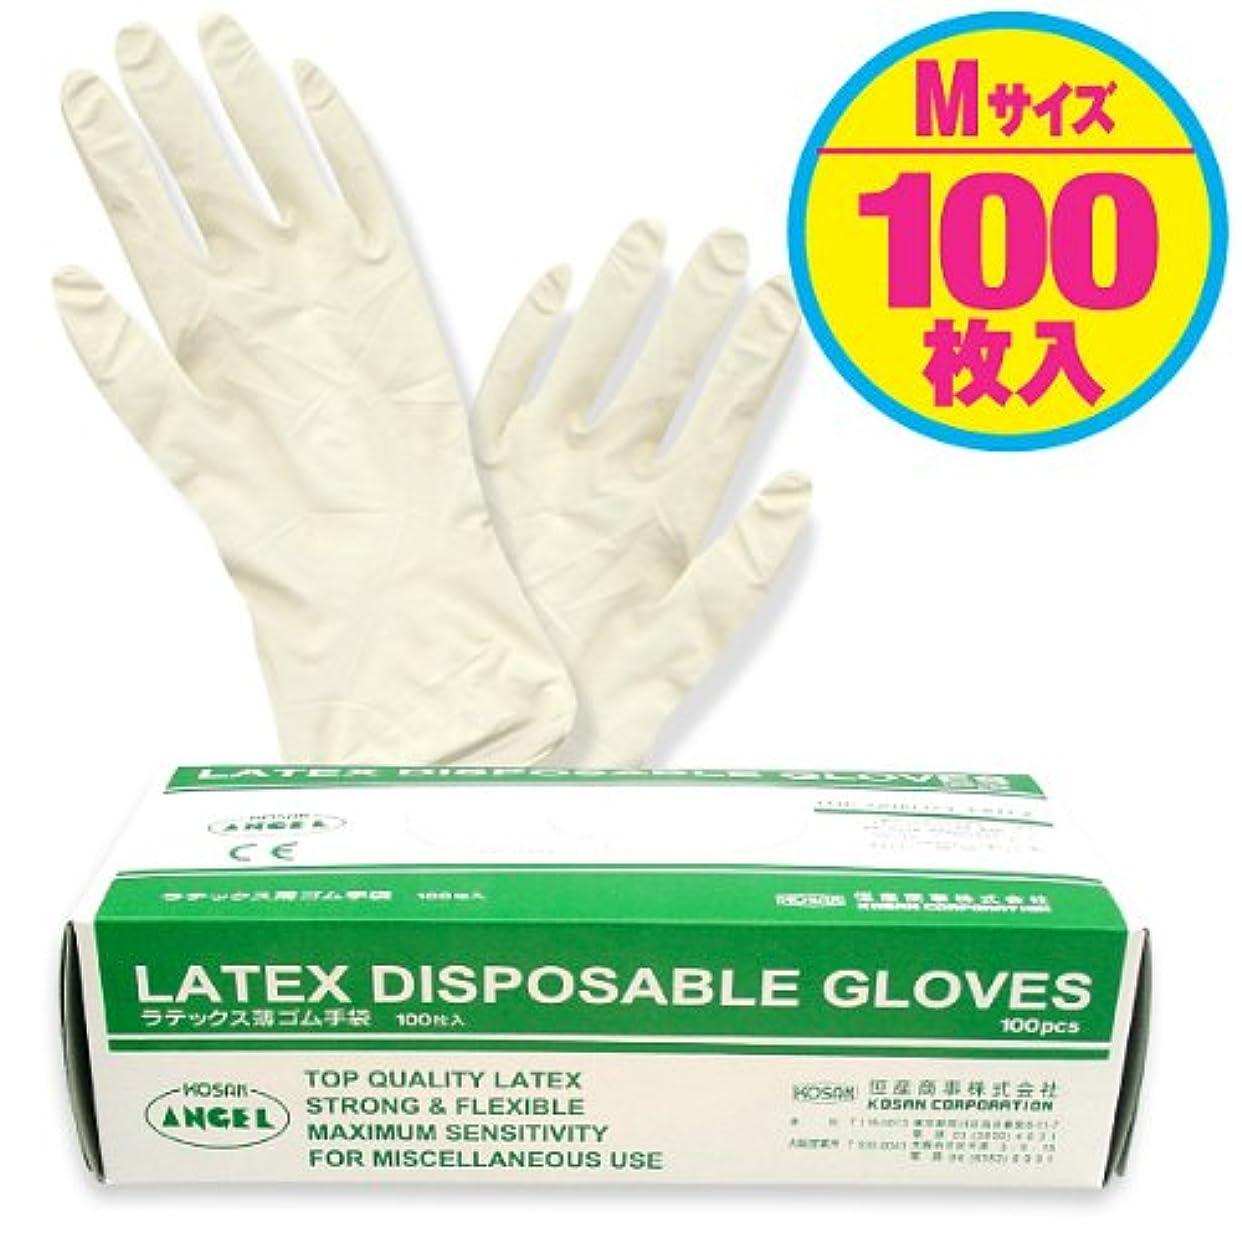 縮れた重さ水っぽい使い捨て【ラテックス手袋/Mサイズ 】 高伸縮性?天然ゴム手袋/パウダーイン 《高品質?医療機関でも使用》